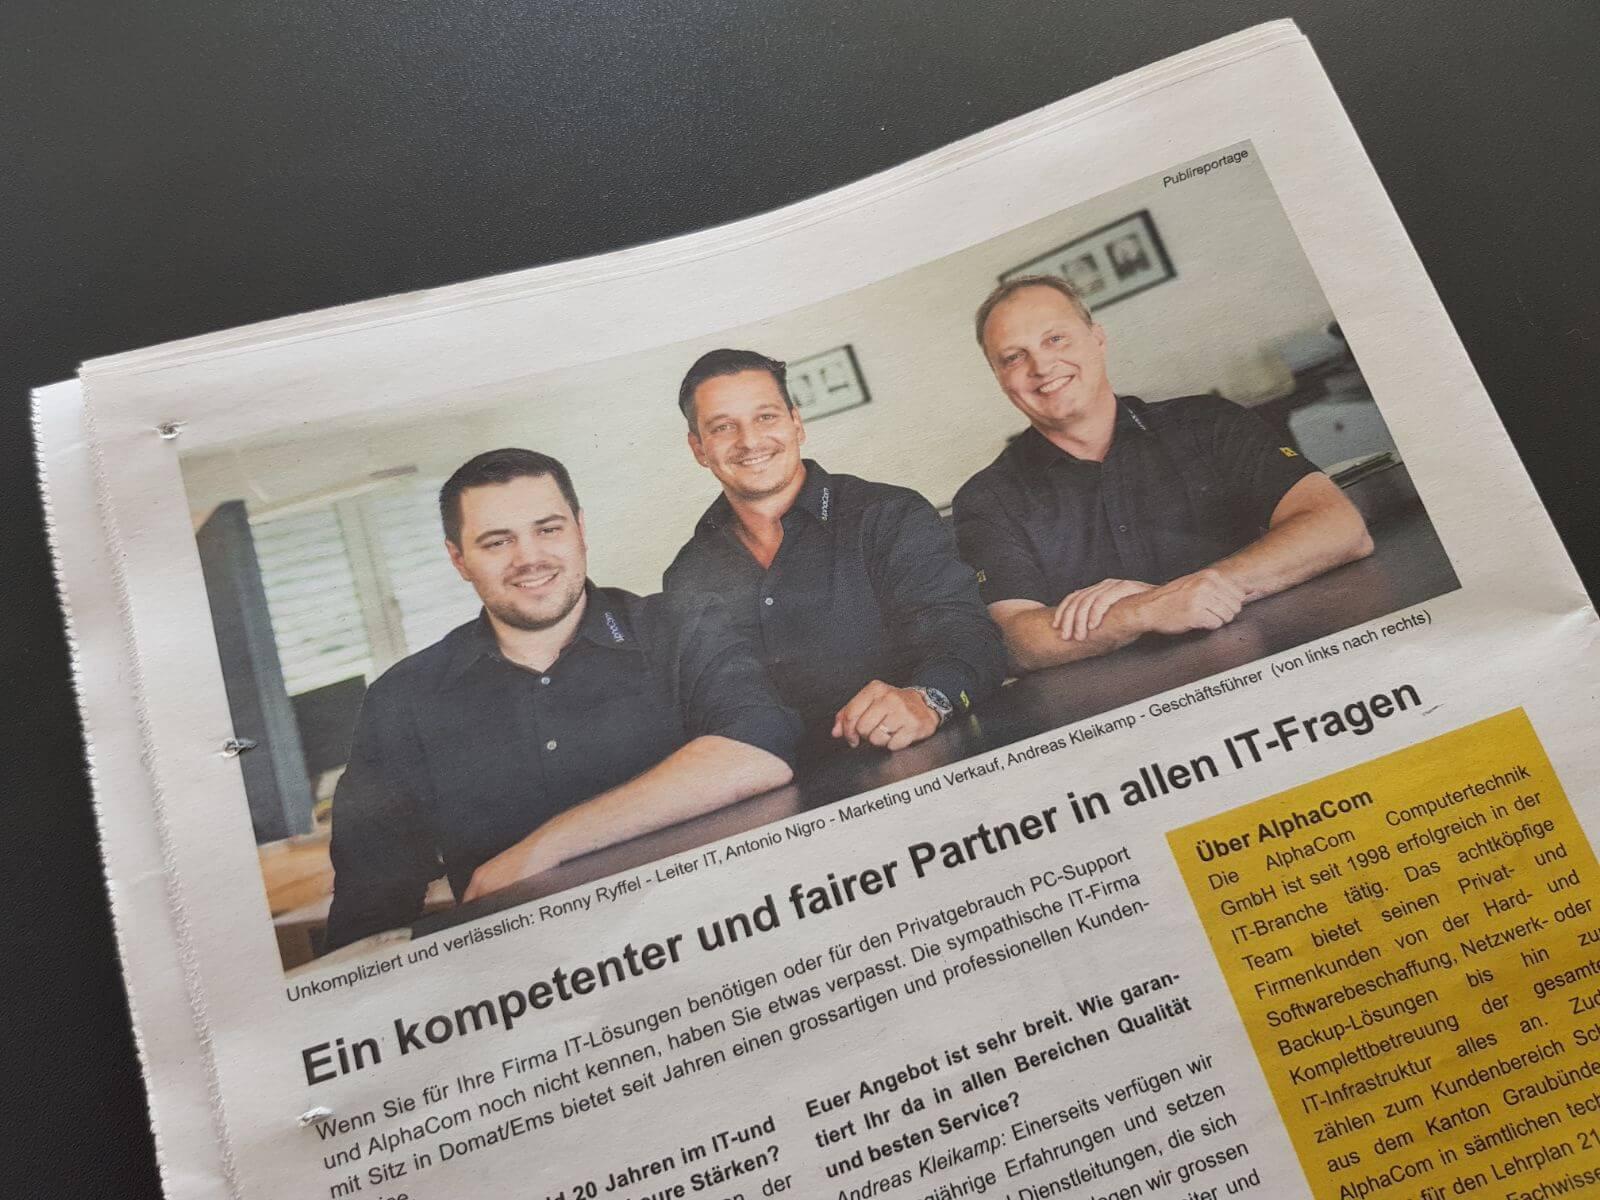 Heute in der Büwo – Ein kompetenter und fairer Partner in allen IT-Fragen